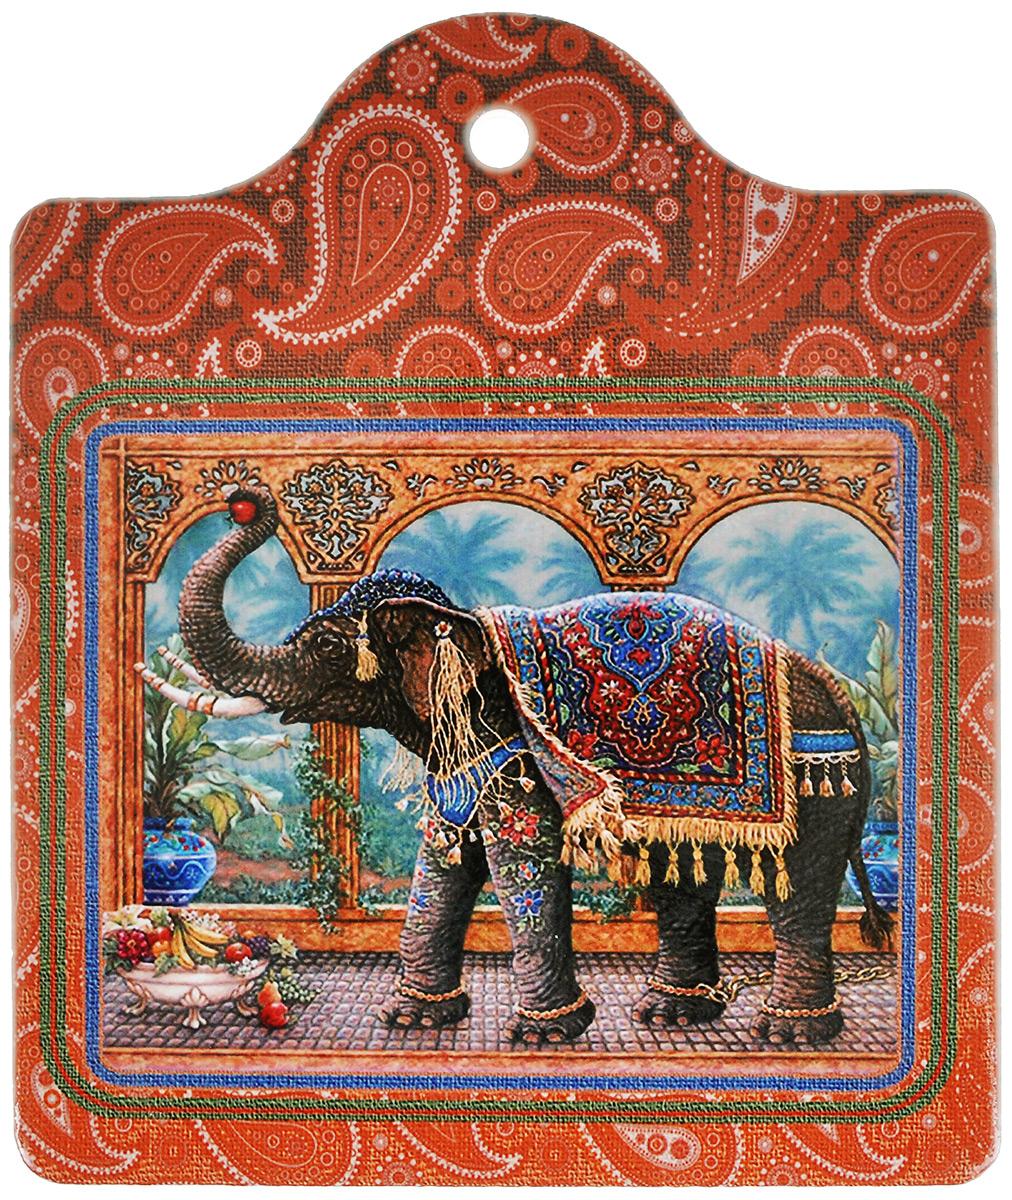 Подставка под горячее GiftnHome Слон Маракеш, 16 х 19 смW-16 MarakeshПодставка под горячее GiftnHome Слон Маракеш выполнена из высококачественной керамики. Изделие, украшенное ярким изображением в индийском стиле, идеально впишется в интерьер современной кухни. Специальное пробковое основание подставки защитит вашу мебель от царапин. Подставка имеет специальное крепление для подвеса на стену. Изделие не боится высоких температур и легко чистится от пятен и жира.Каждая хозяйка знает, что подставка под горячее - это незаменимый и очень полезный аксессуар на каждой кухне. Ваш стол будет не только украшен оригинальной подставкой с красивым рисунком, но и сбережен от воздействия высоких температур ваших кулинарных шедевров. Нельзя мыть в посудомоечной машине.